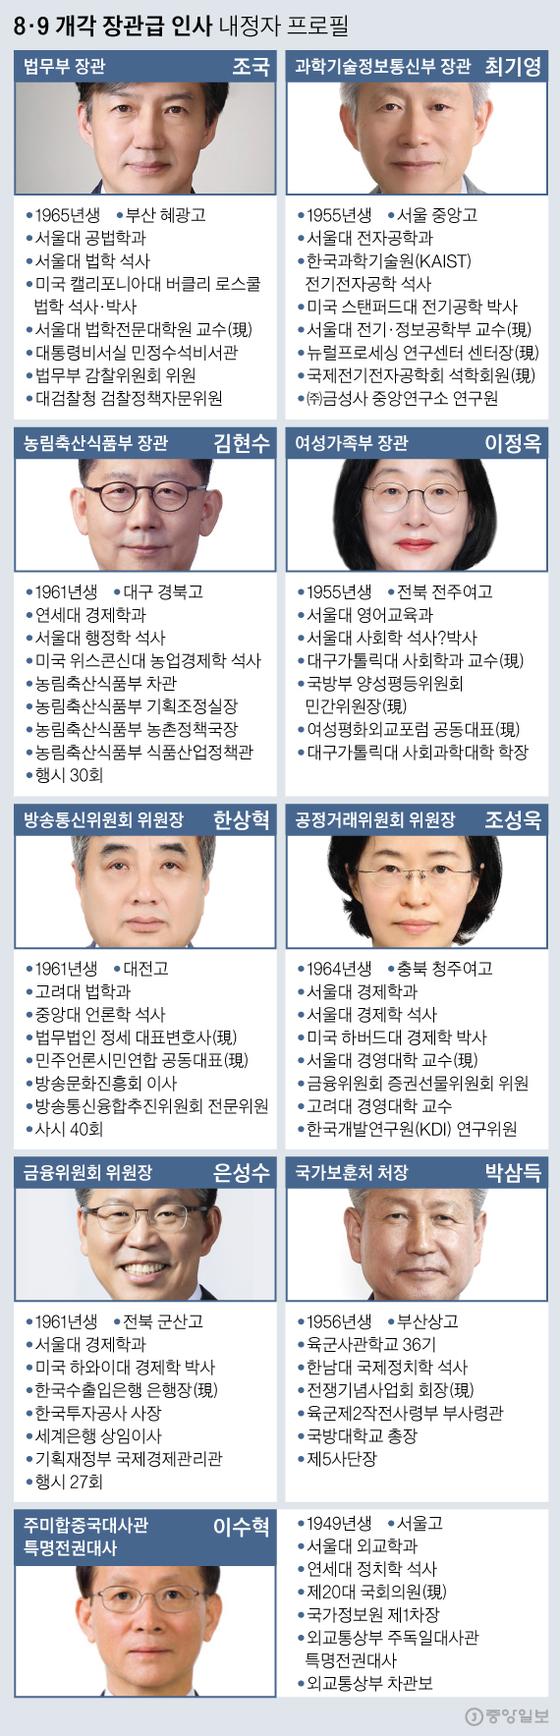 8·9 개각 장관급 인사 내정자 프로필. 그래픽=신재민 기자 shin.jaemin@joongang.co.kr